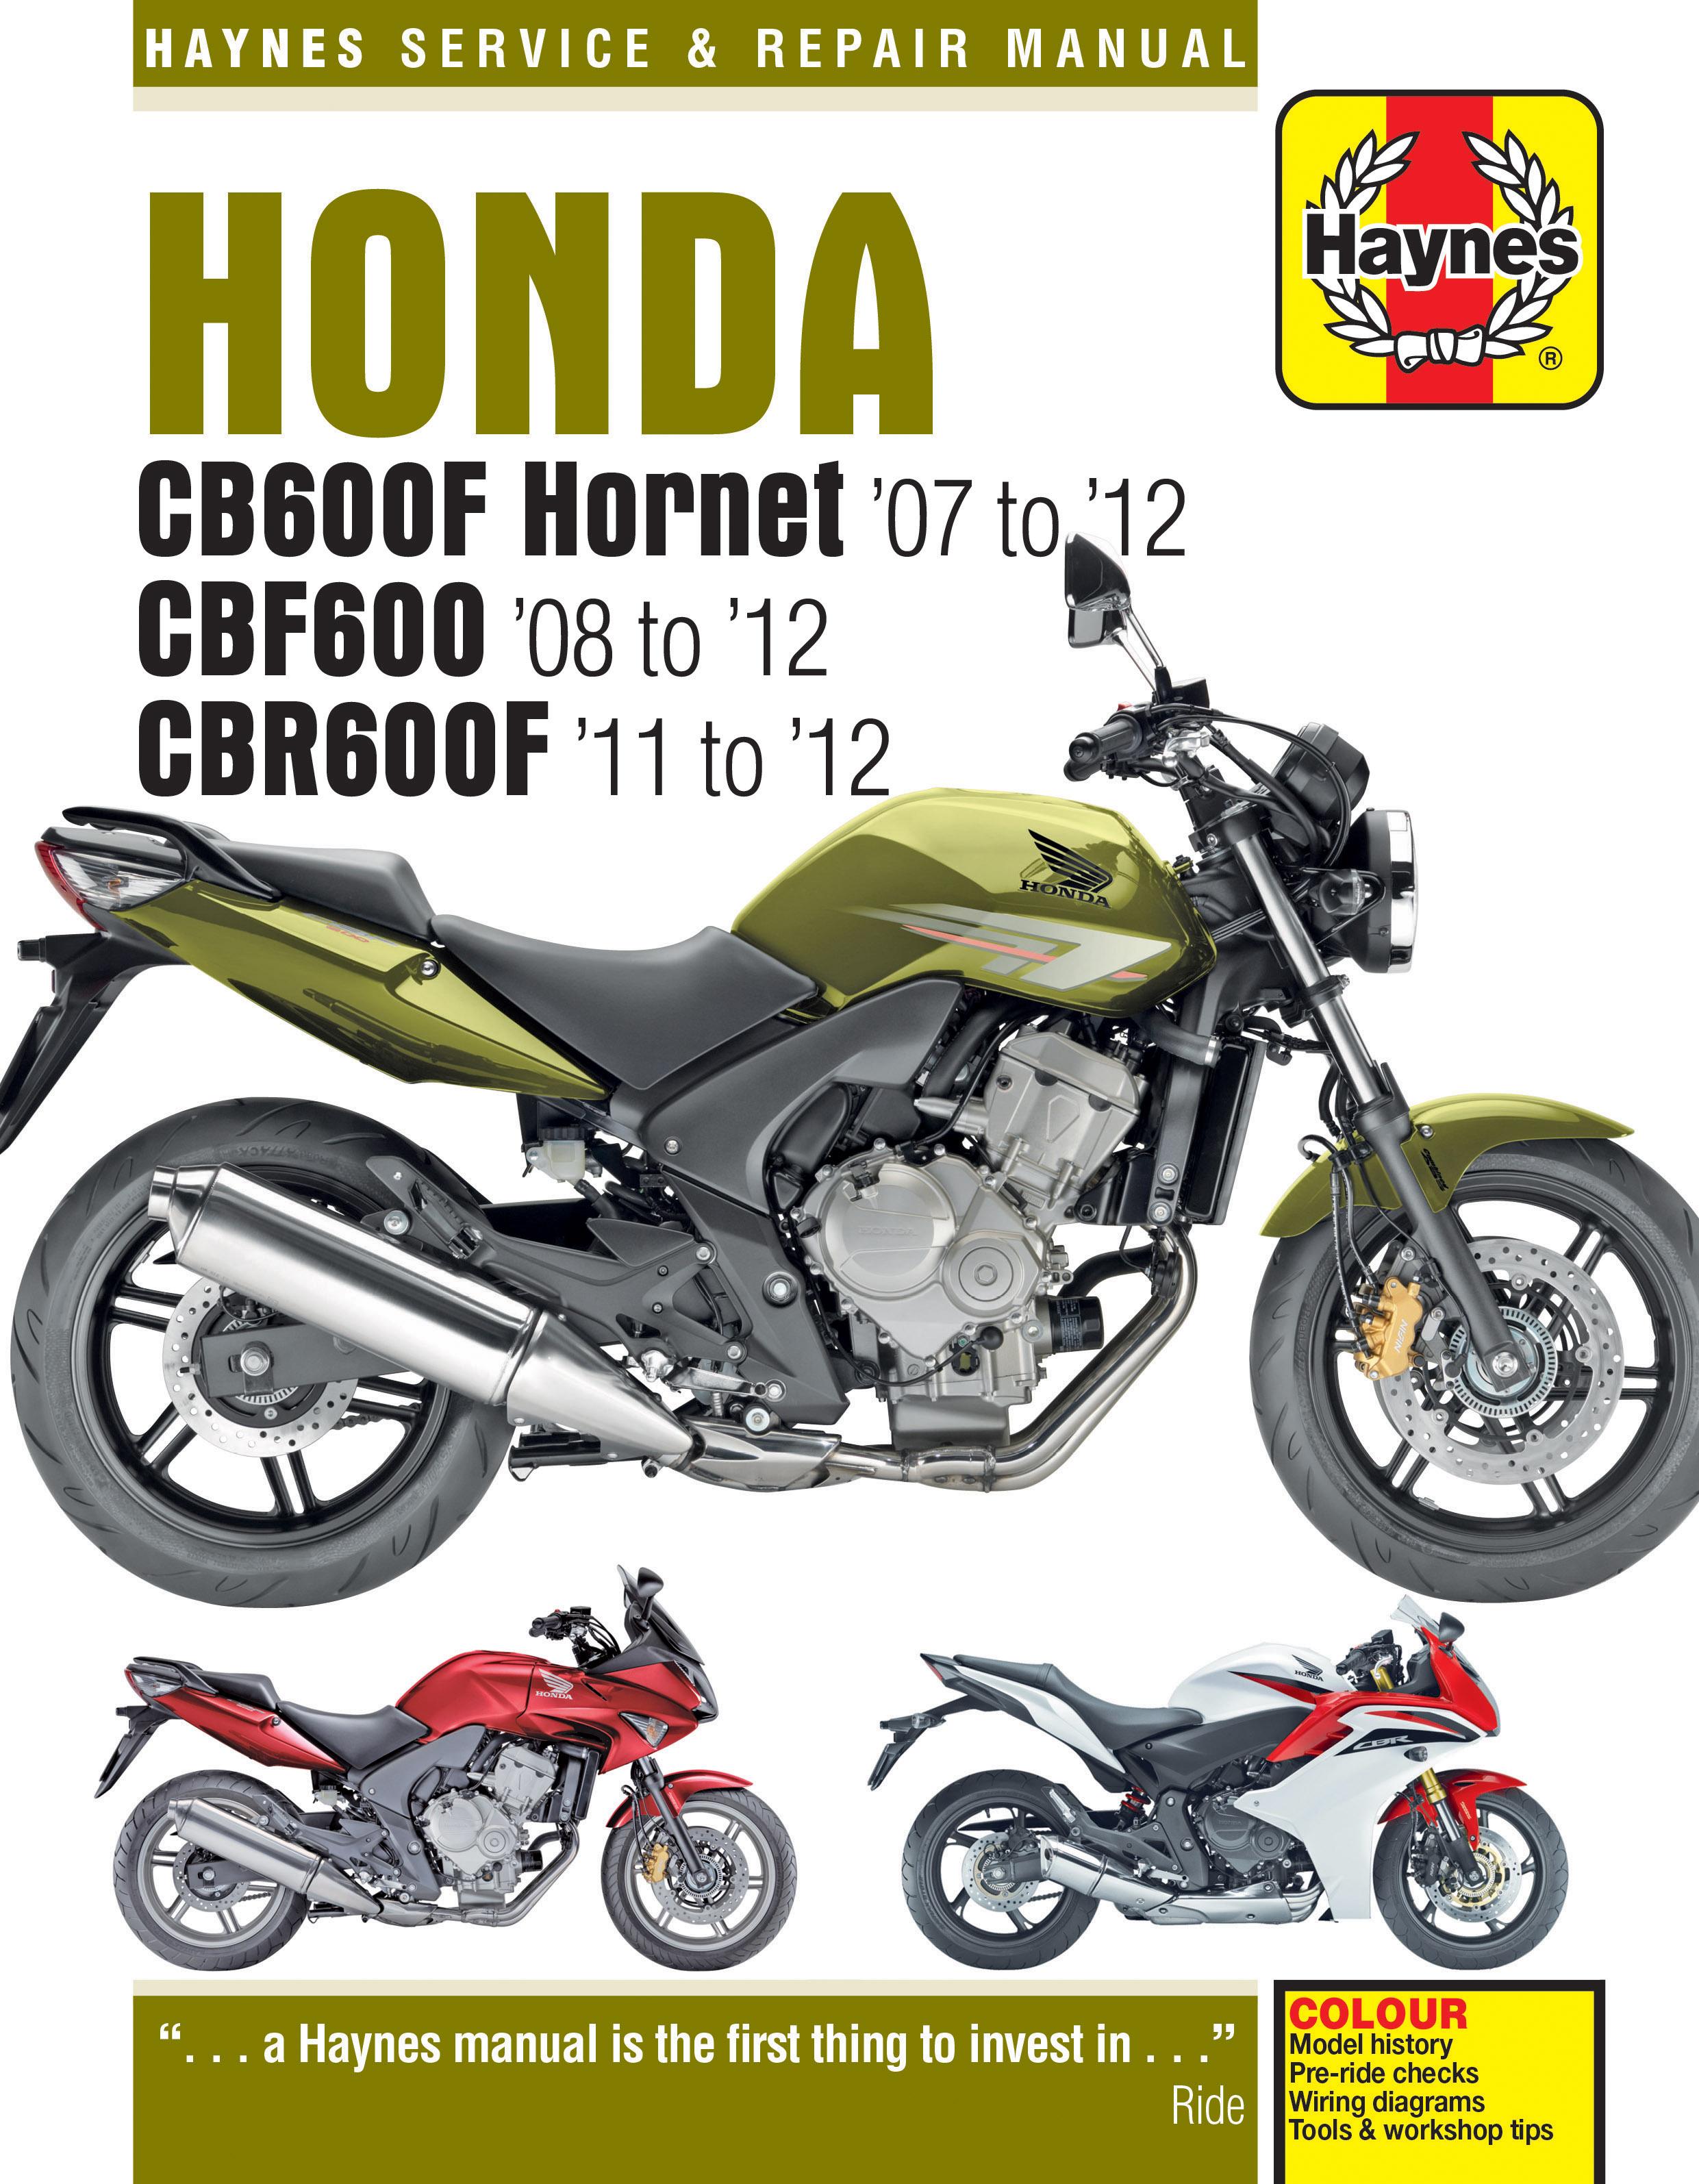 Honda CB600 Hornet, CBF600 & CBR600F (07 - 12) Haynes Repair Manual